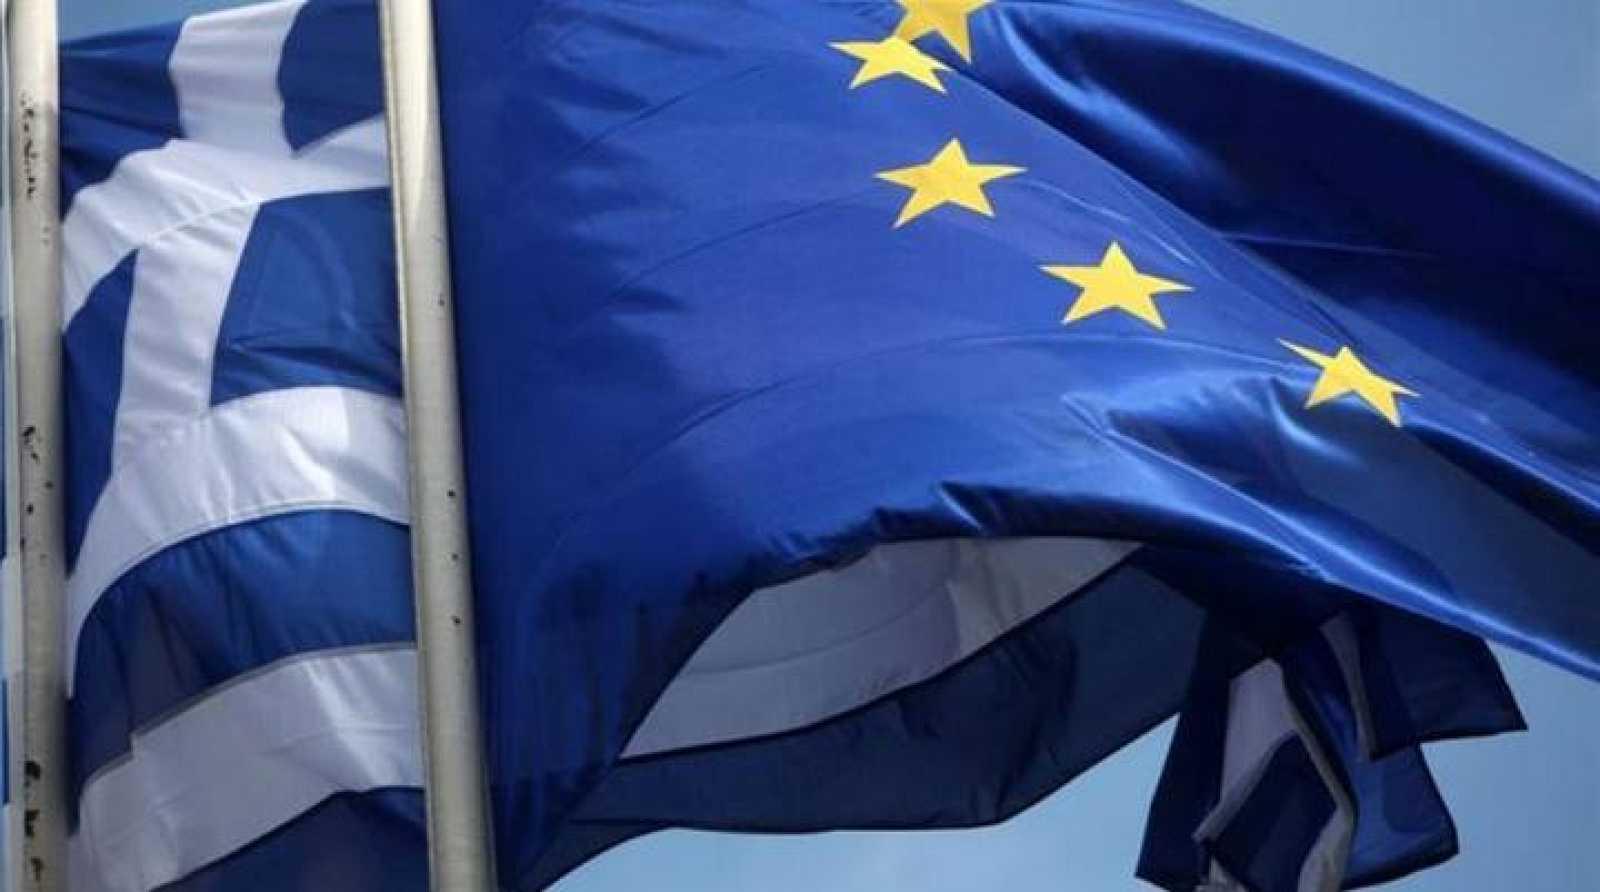 Banderas de Grecia y la UE, enlazadas